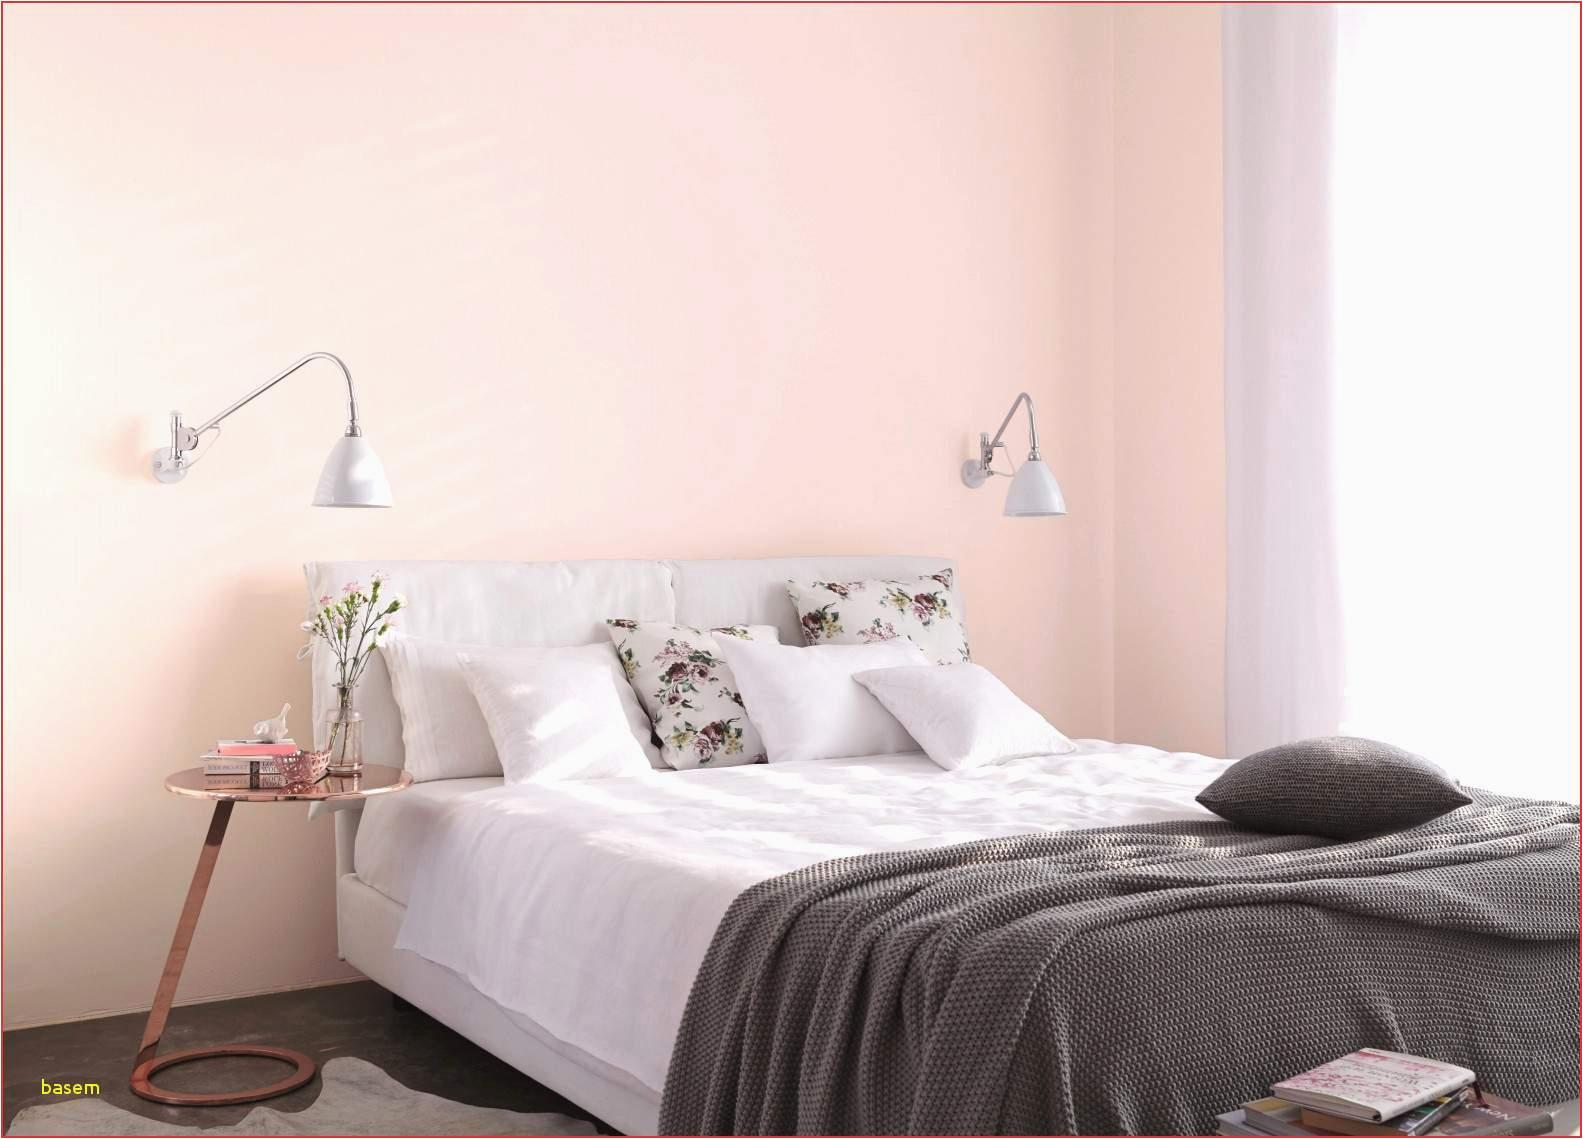 dekorative pflanzen furs wohnzimmer luxus scheibengardinen fur schlafzimmer of dekorative pflanzen furs wohnzimmer